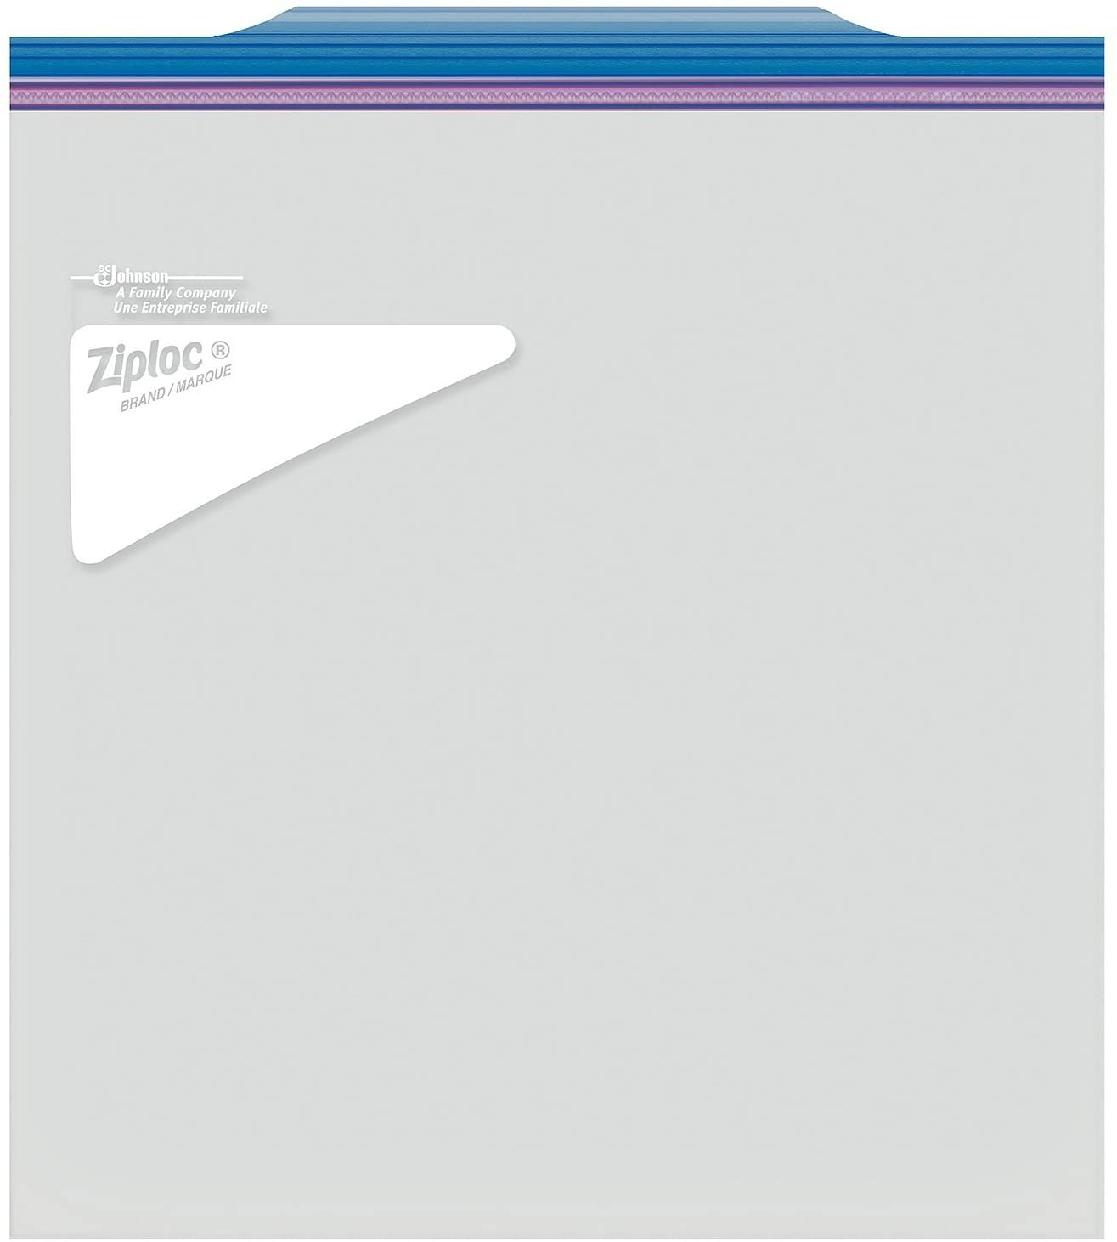 Ziploc(ジップロック) フリーザー ガロンサイズの商品画像2